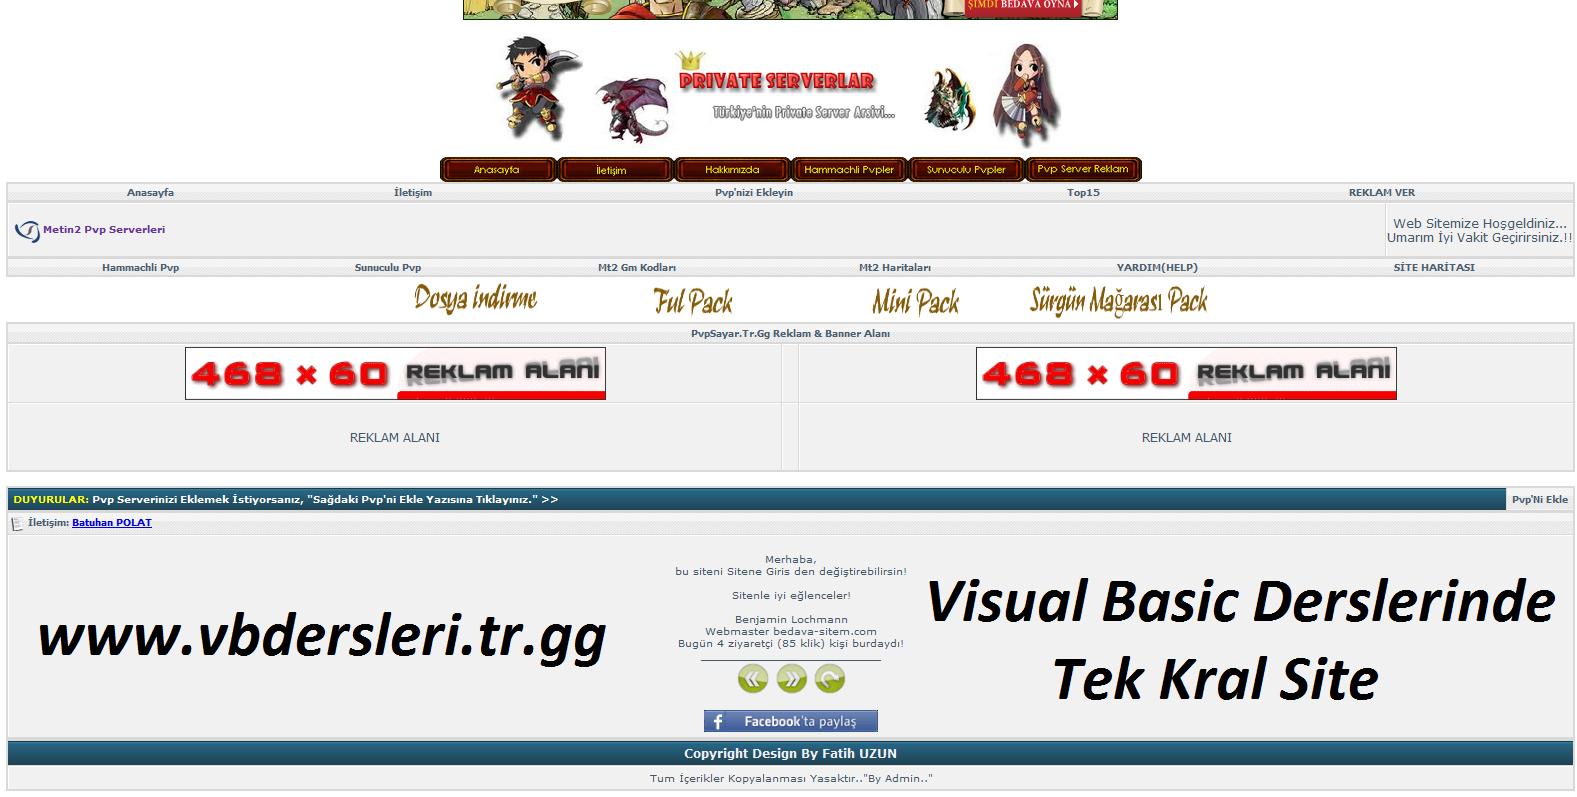 PVP Server Sitesi Tasarımı